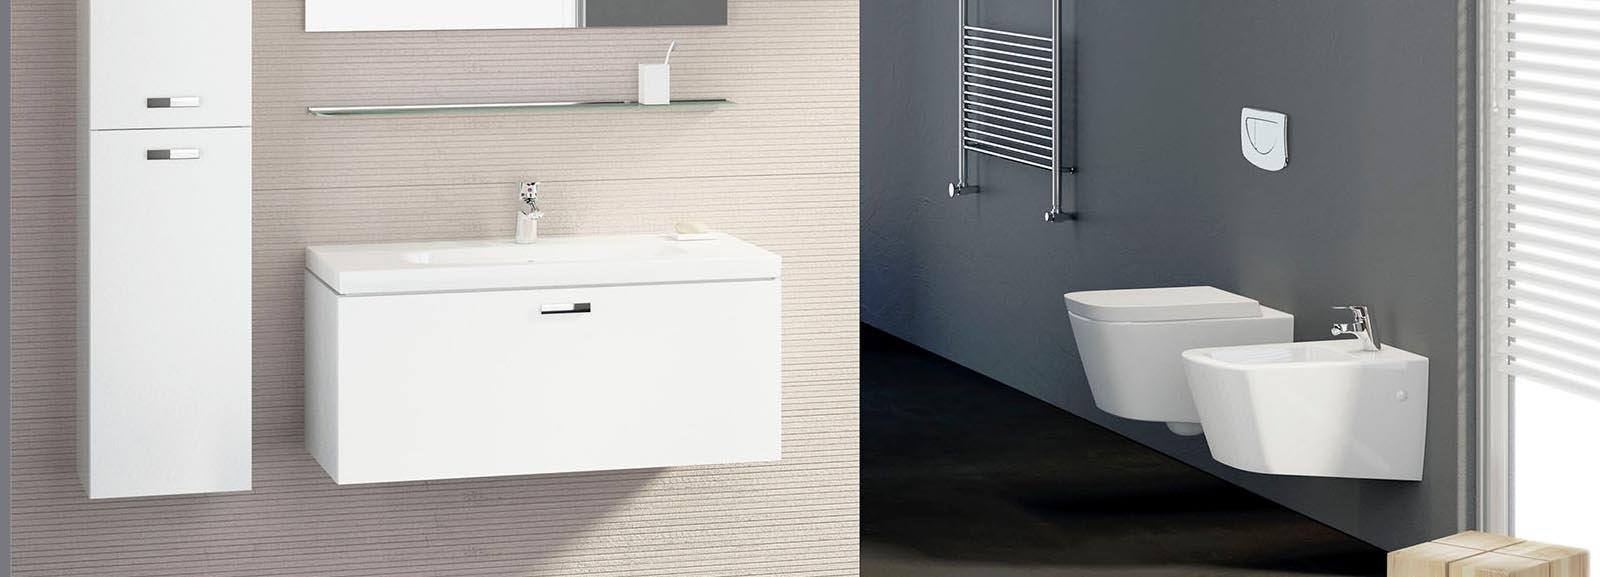 Sanitari sospesi per un bagno contemporaneo cose di casa for Rubinetti sanitari bagno